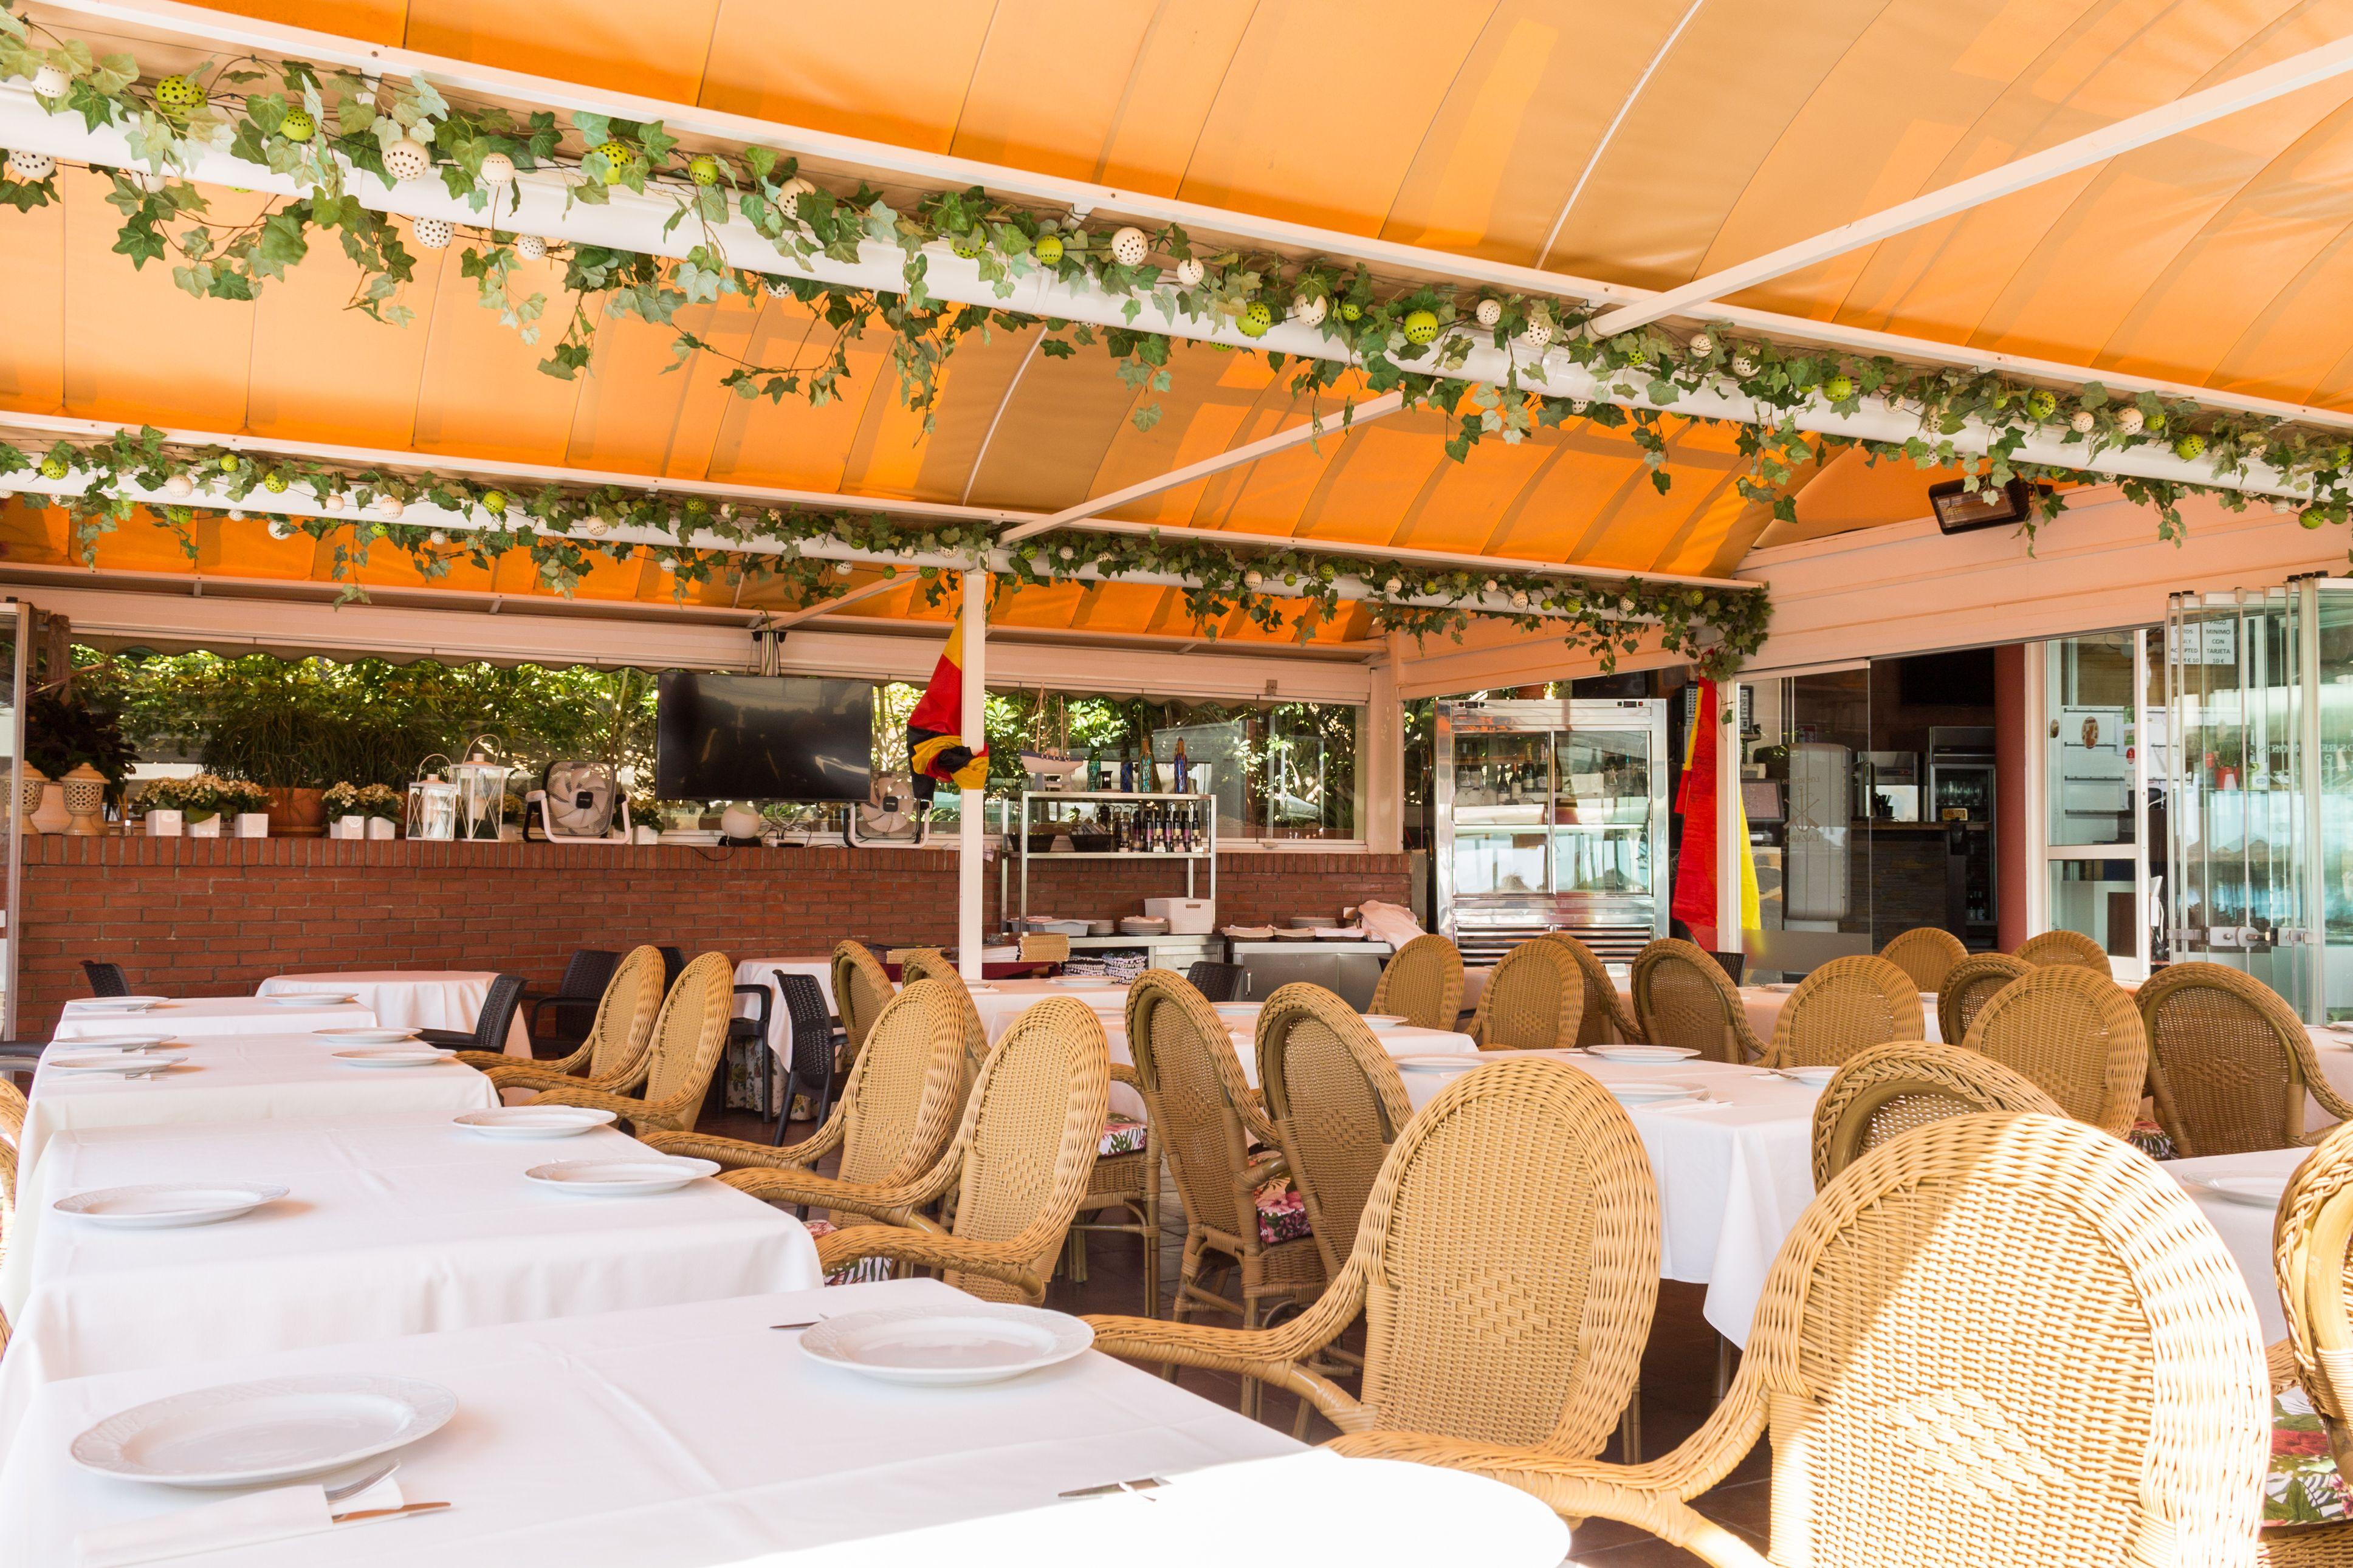 Restaurante con cocina mediterránea en Málaga